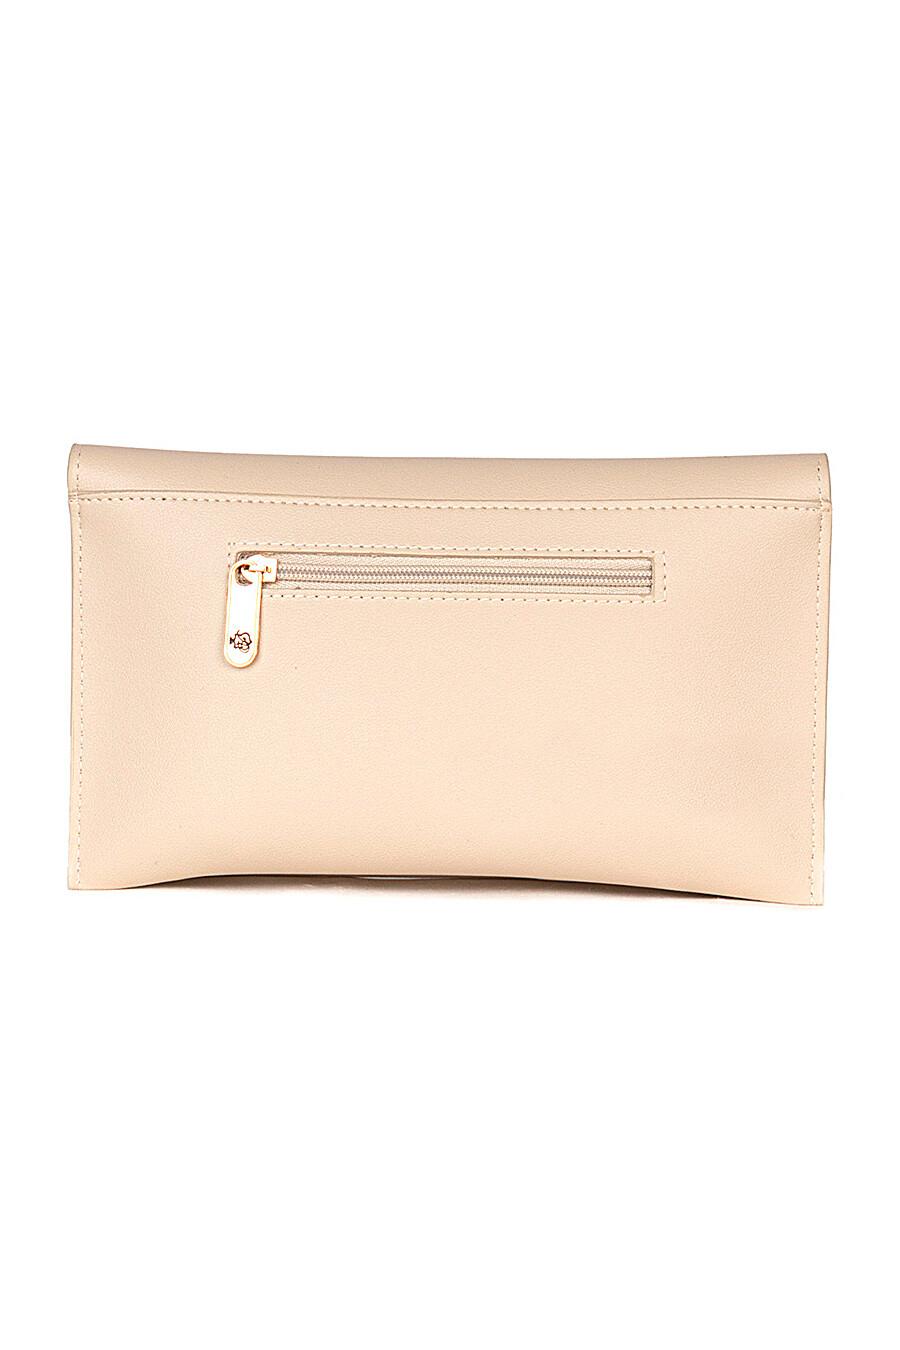 Сумка для женщин L-CRAFT 668276 купить оптом от производителя. Совместная покупка женской одежды в OptMoyo